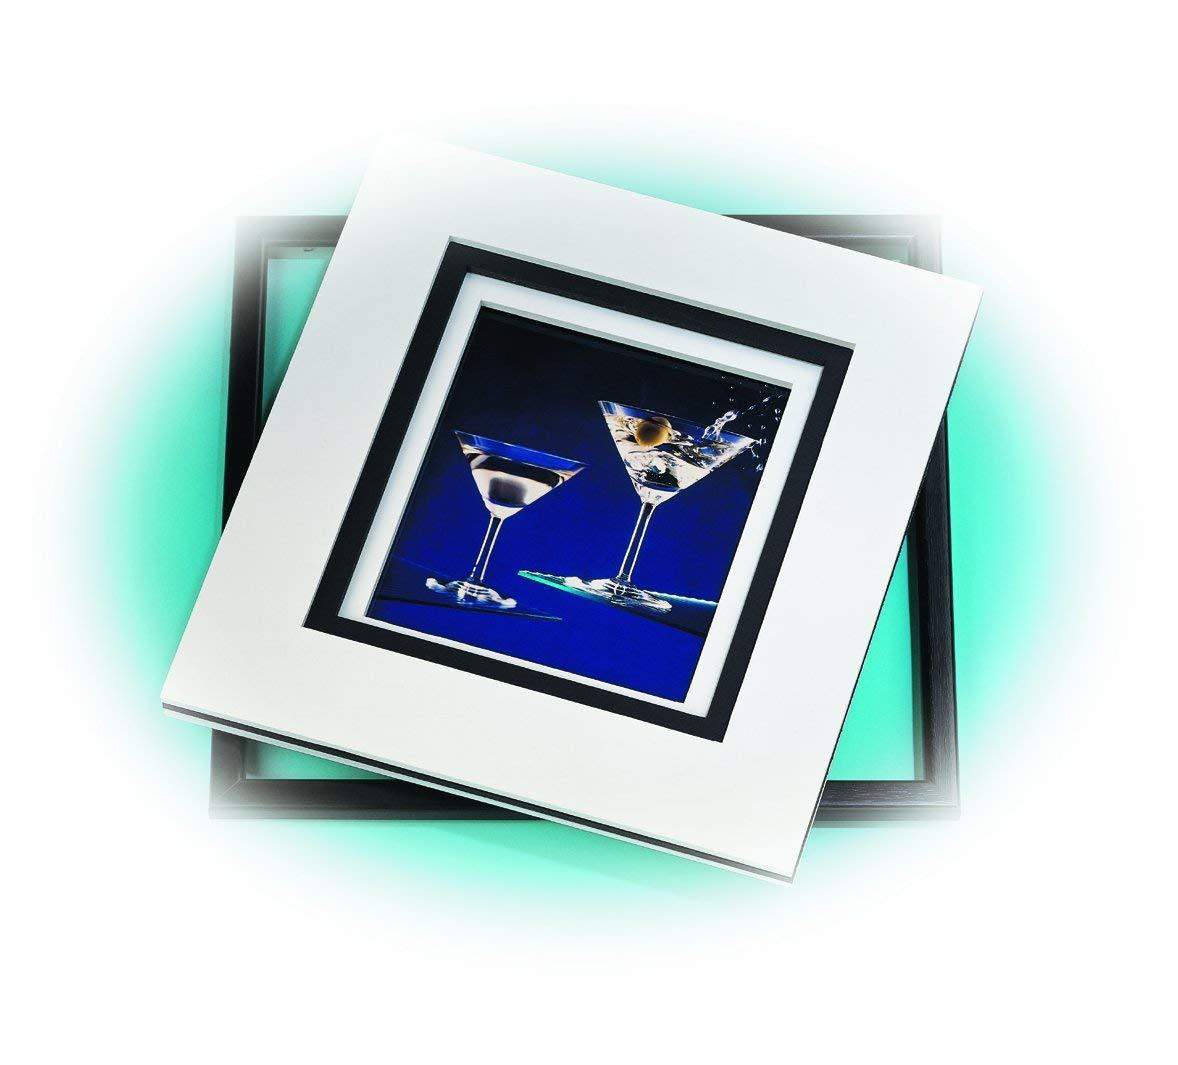 Tischgestell 2 St/ück | Gewicht: 6.4 Kg pro St/ück pulverbeschichtet Sossai Stahl-Tischkufe 2er Set Farbe: Schwarz Breite 50 cm x H/öhe 72 cm TKK1-BL5072-2